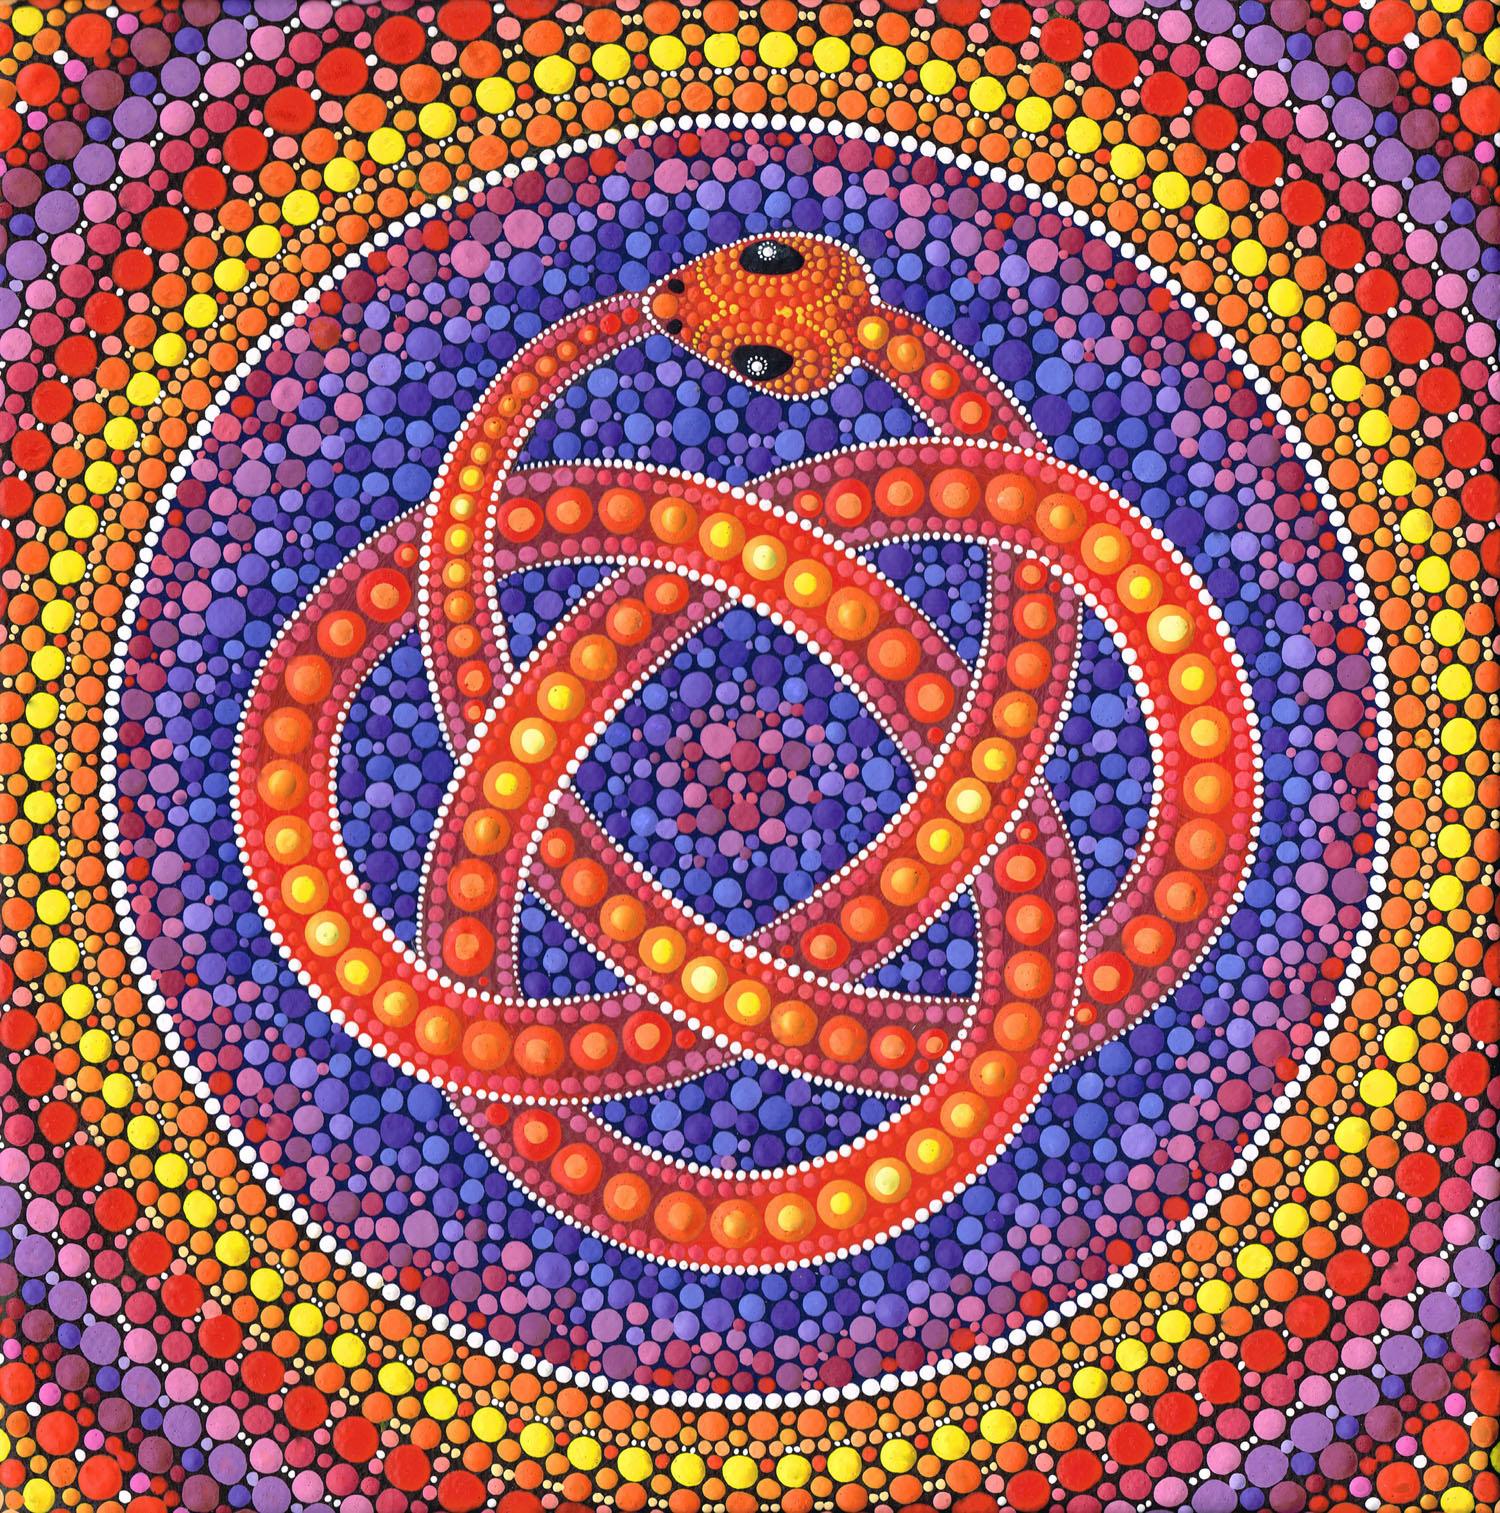 Red Ouraboros Celtic Snake